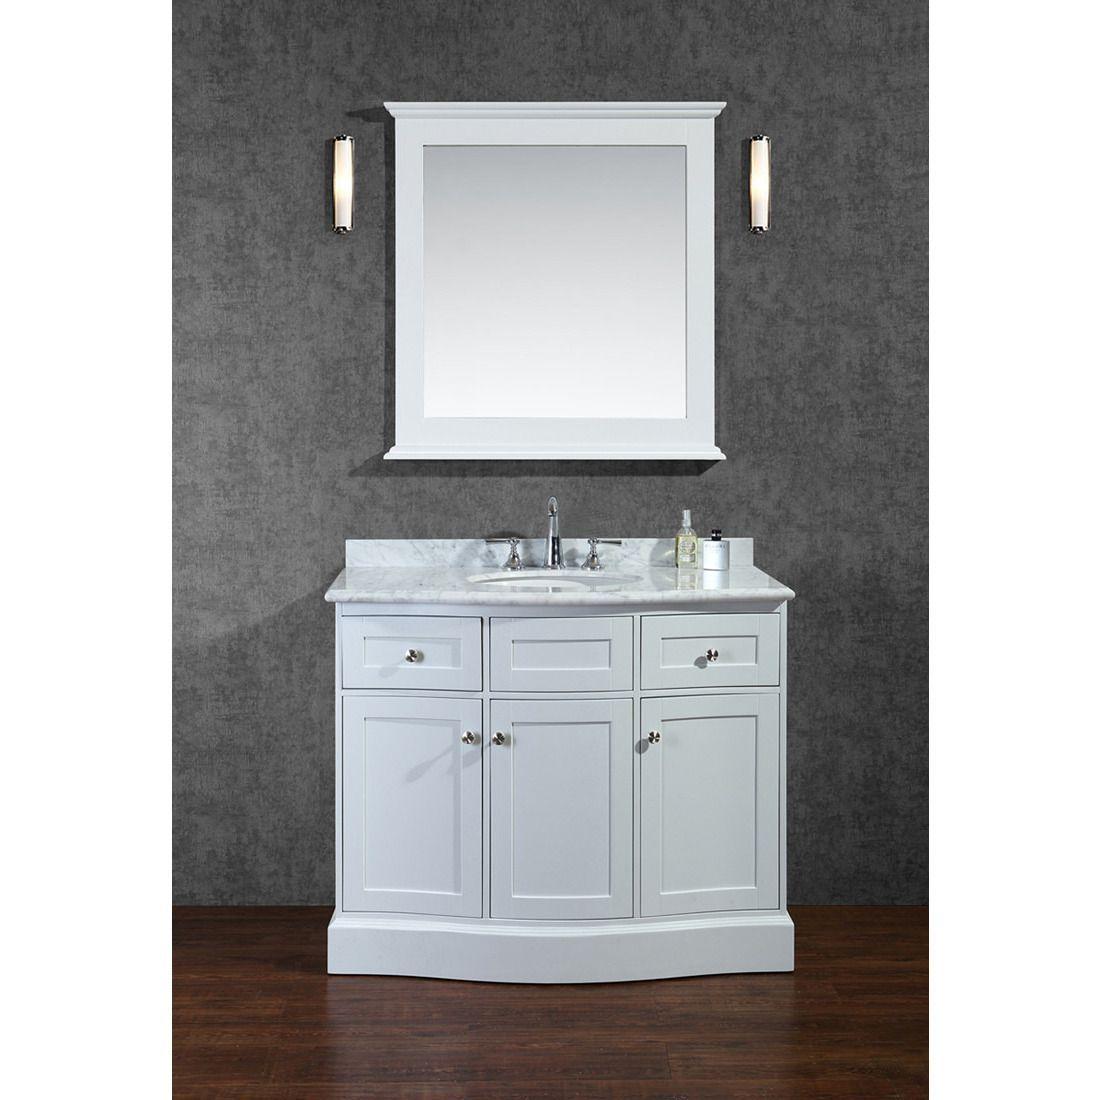 Seacliff By Ariel Montauk 42 Single Sink Bathroom Vanity Set In White Single Sink Vanity White Vanity Bathroom Bathroom Sink Vanity